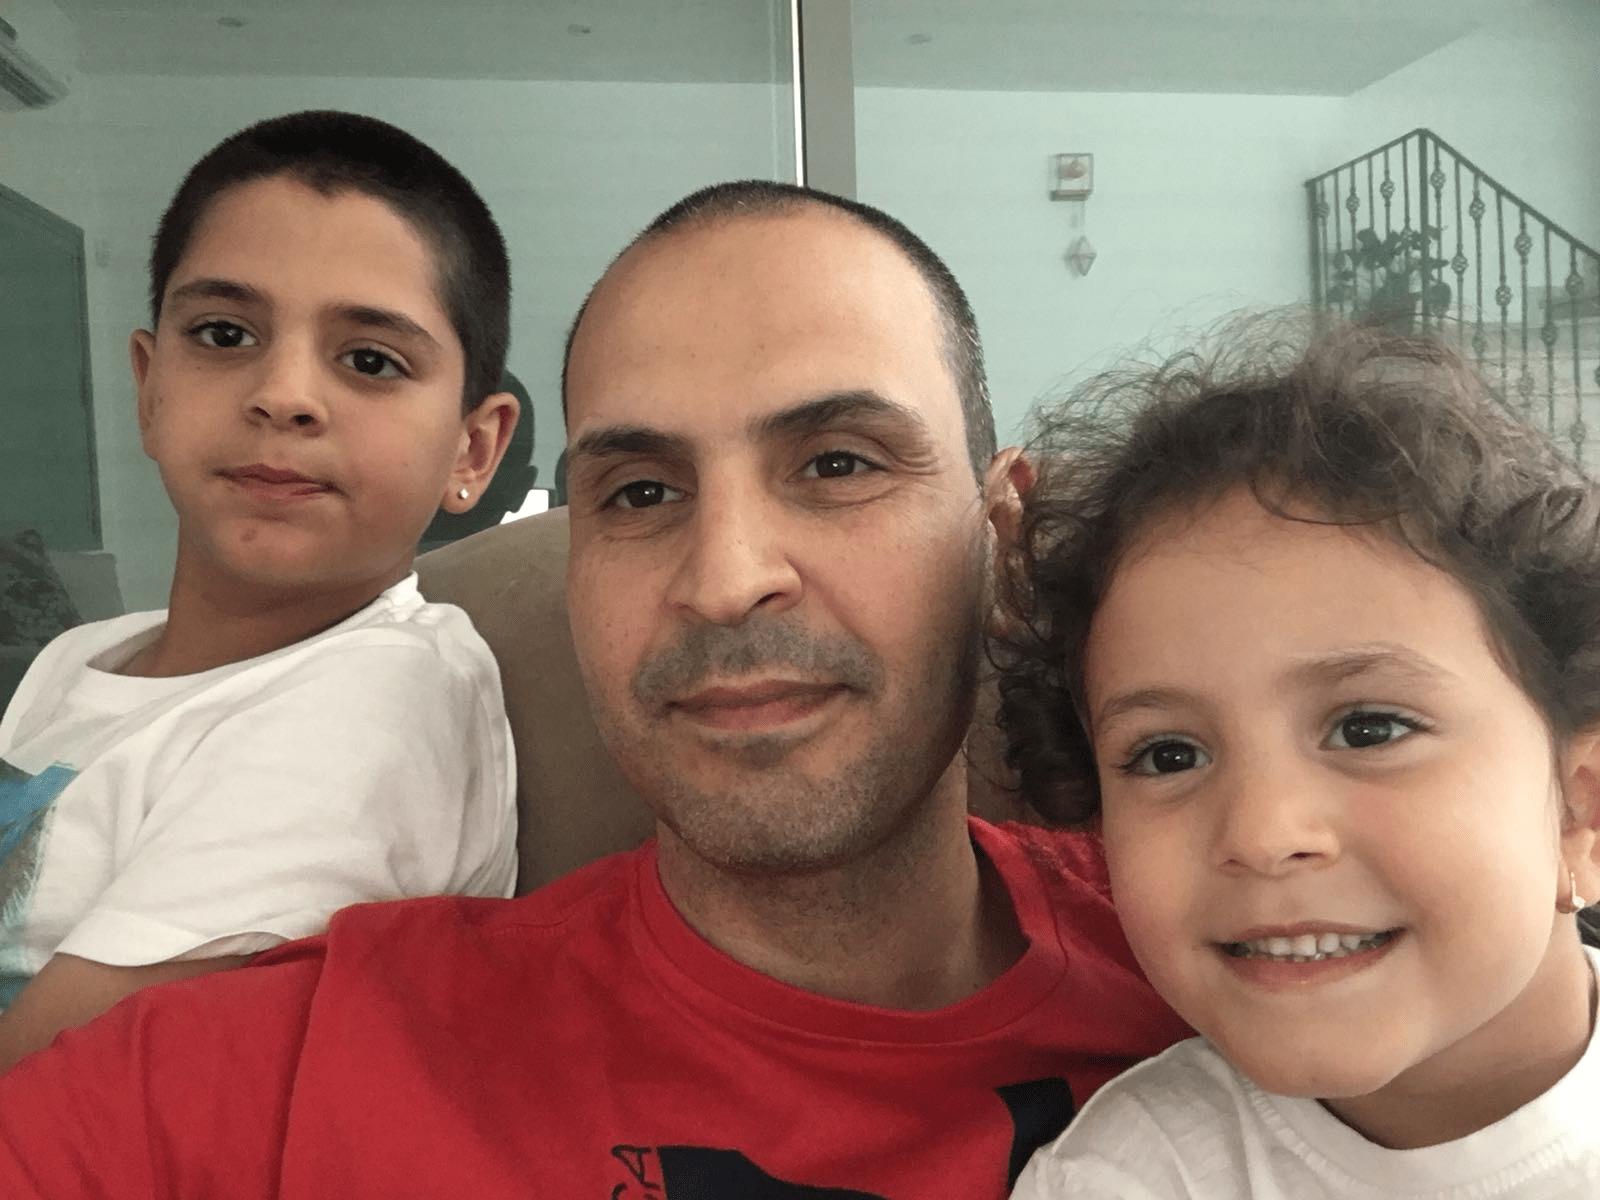 ארז אבו והילדים, צילום: פרטי